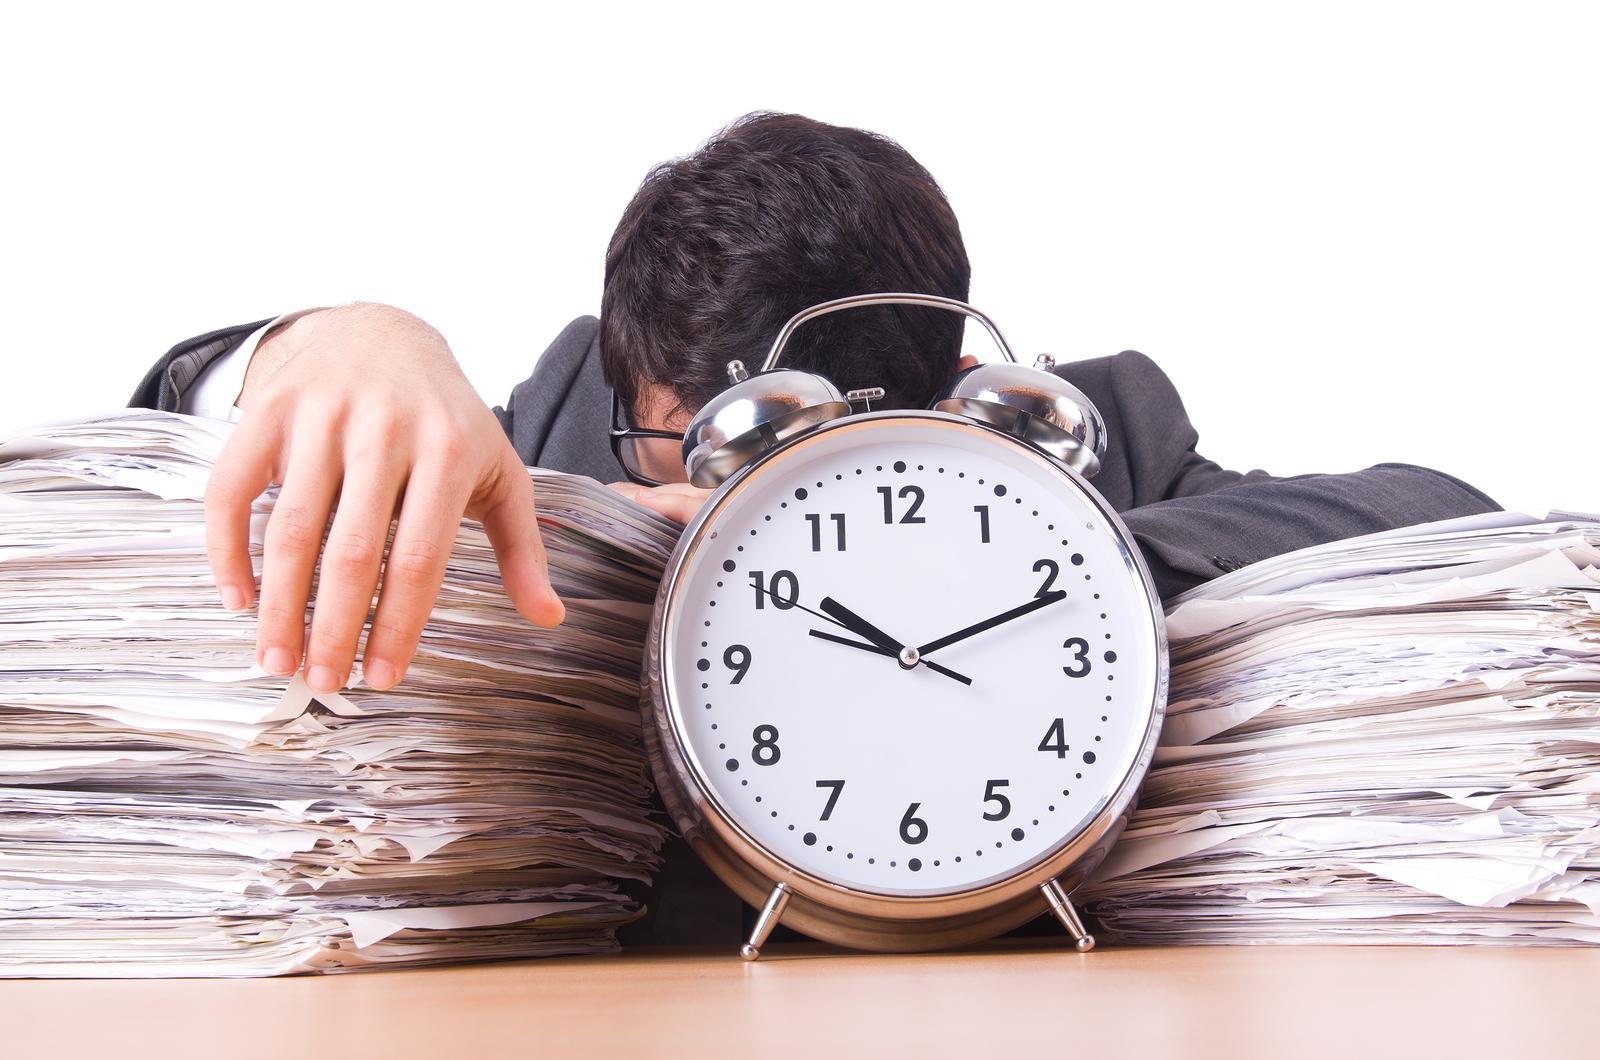 Как интегрировать работу со свободным временем?